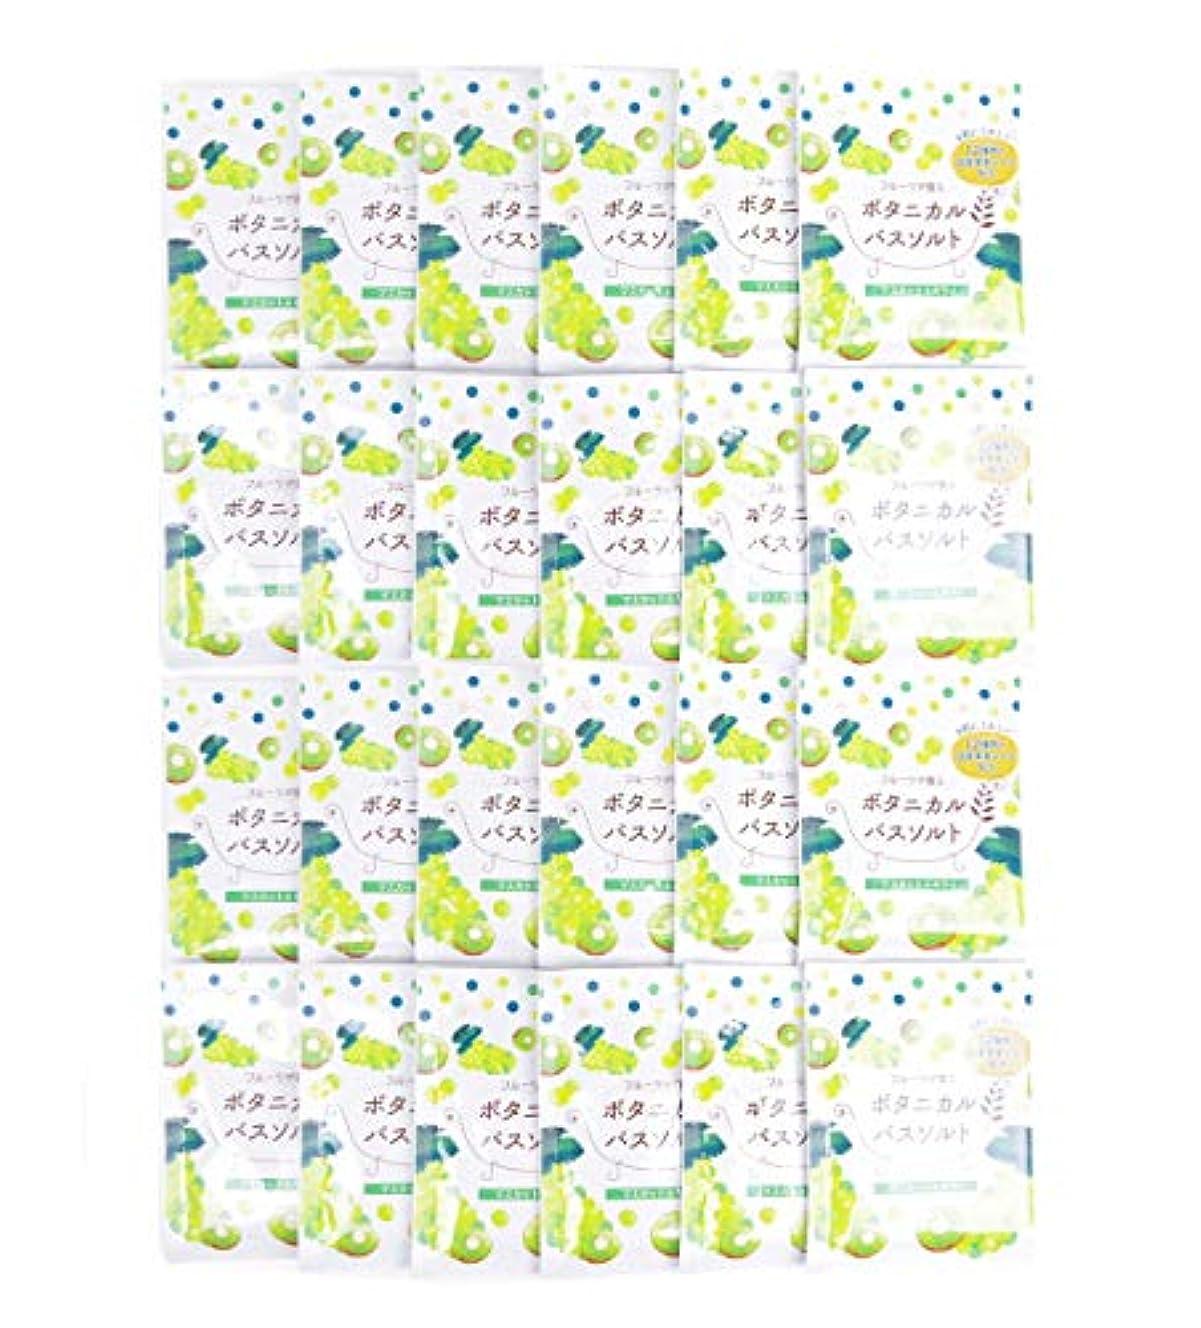 ステレオステップ解読する松田医薬品 フルーツが香るボタニカルバスソルト マスカット&キウイ 30g 24個セット